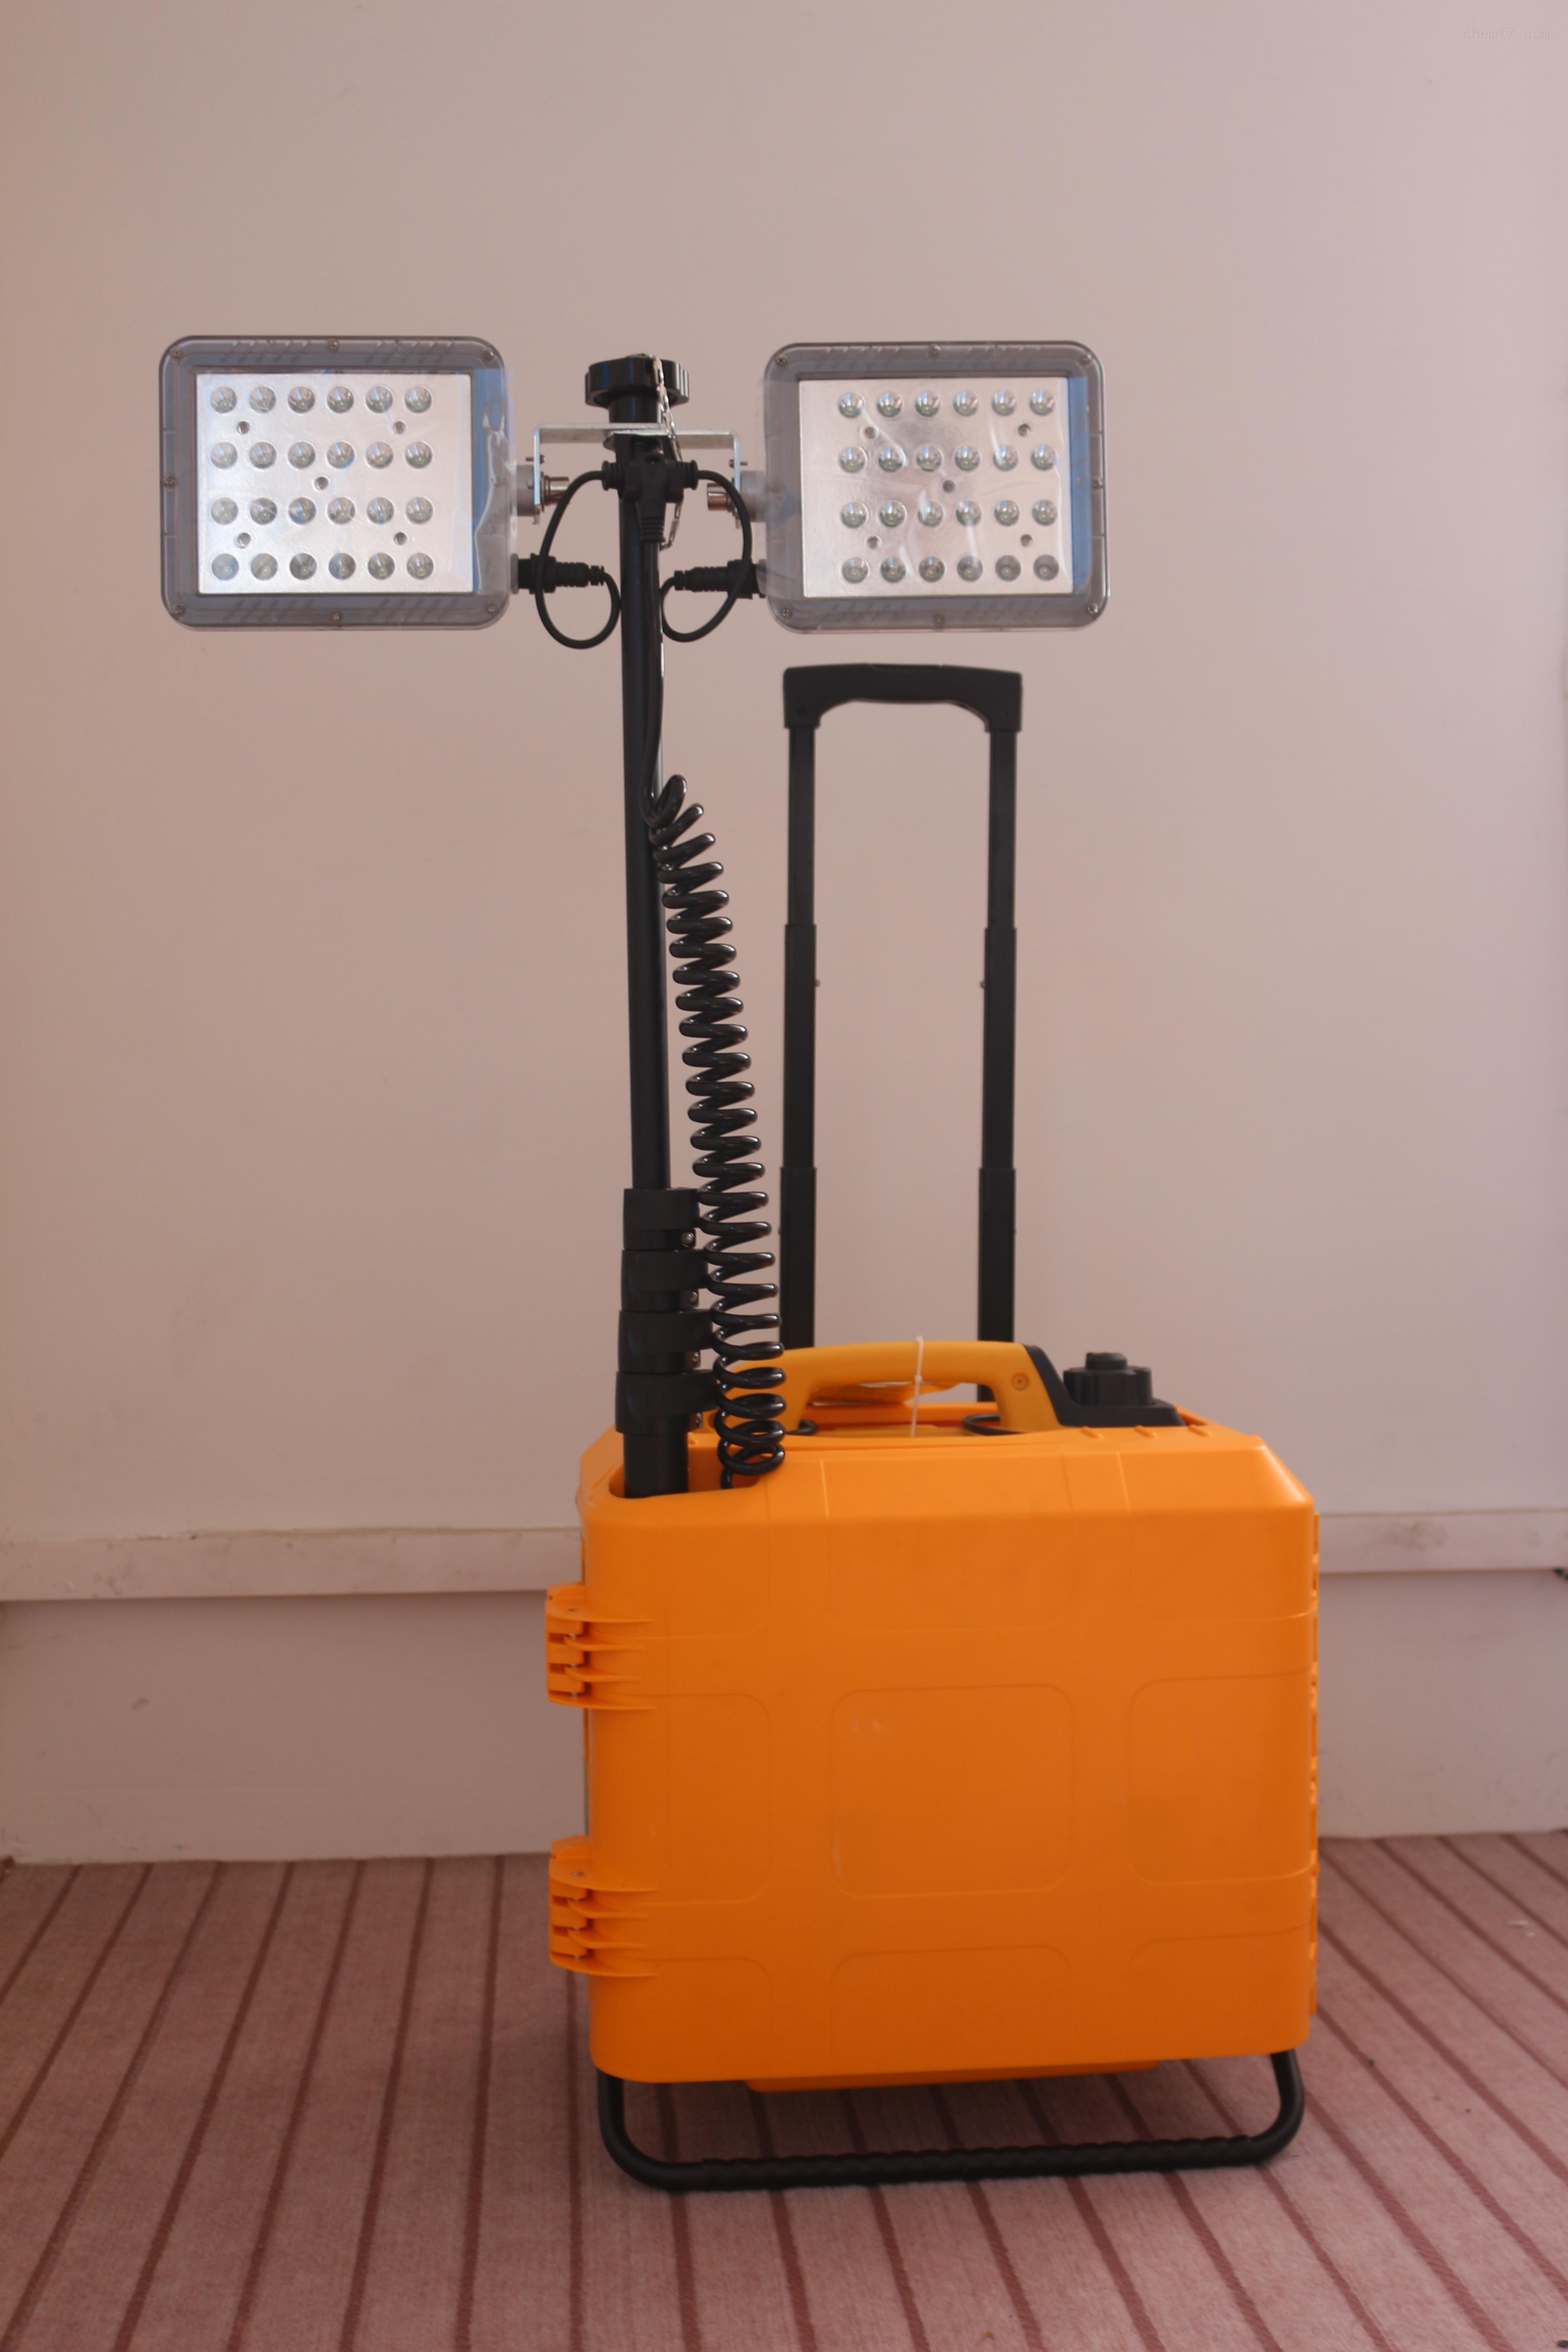 润光照明SFW3006便携式多功能照明装置